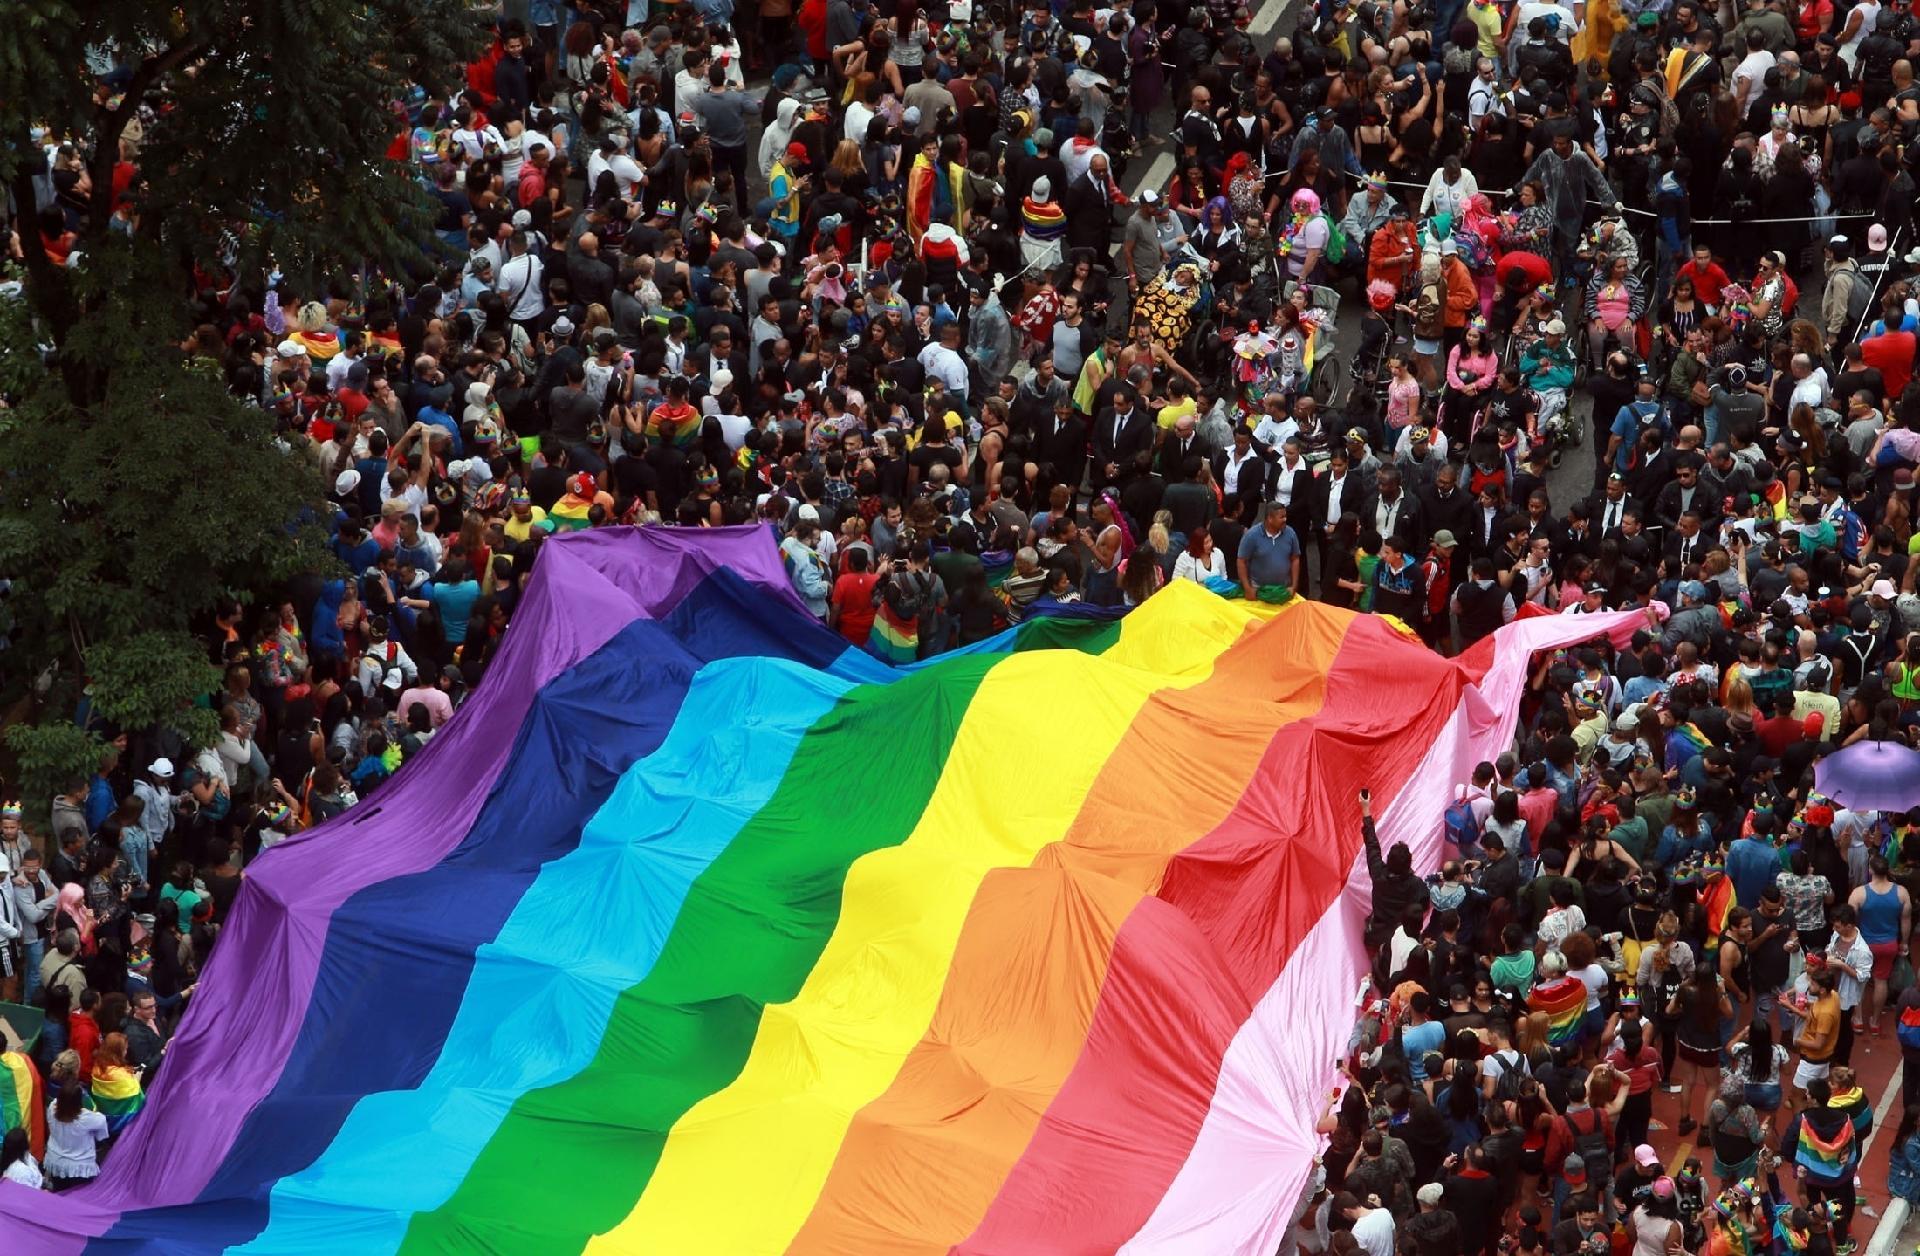 Eleições de 2020 terão recorde de candidaturas LGBT, apontam entidades -  22/07/2020 - UOL Eleições